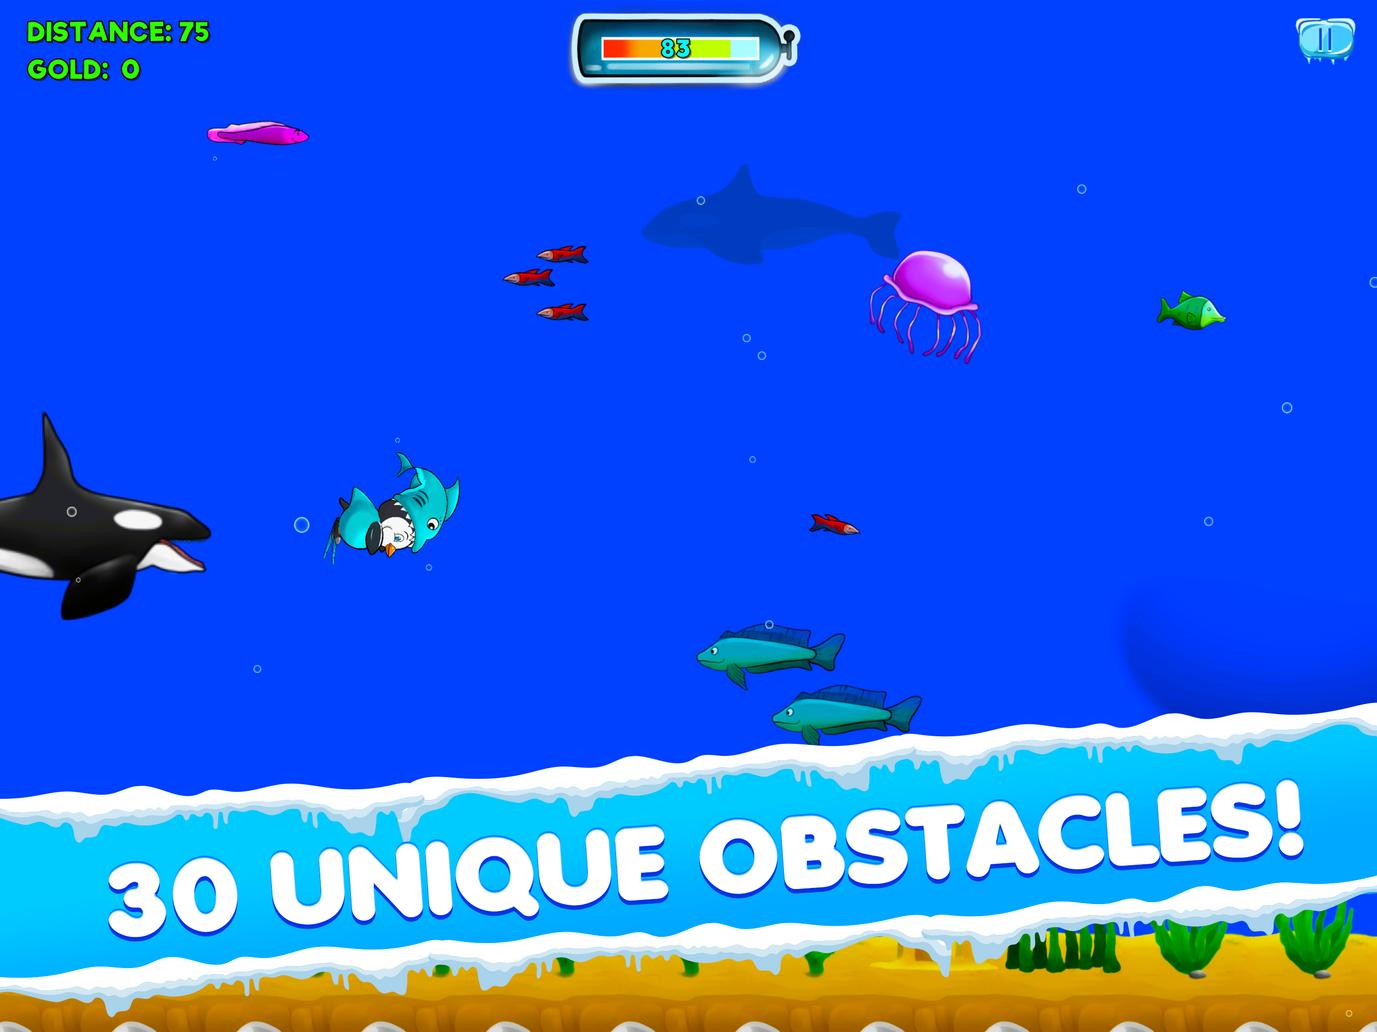 30 Unique Obstacles!